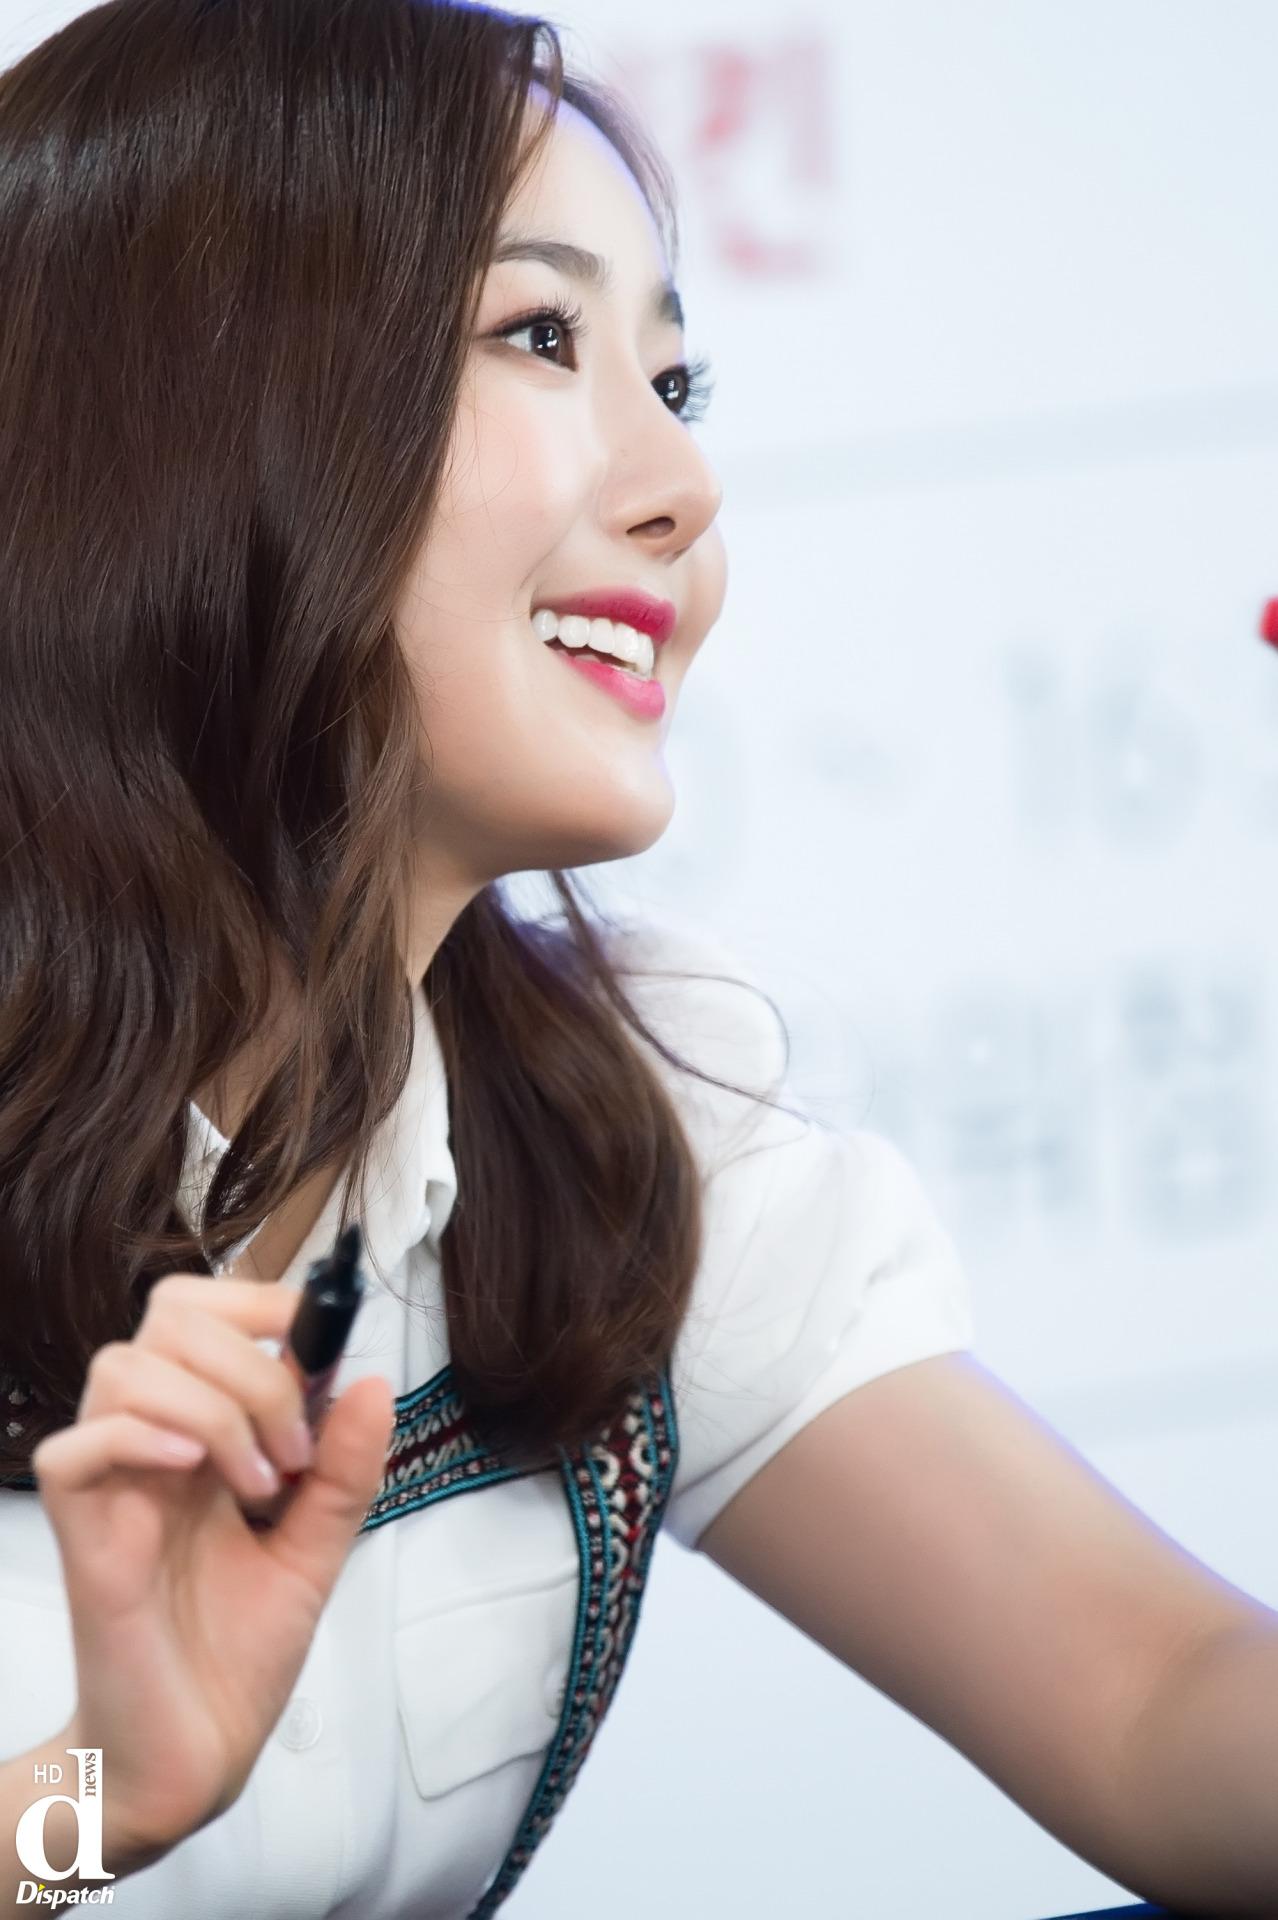 Eunha Android/iPhone Wallpaper #89474 - Asiachan KPOP